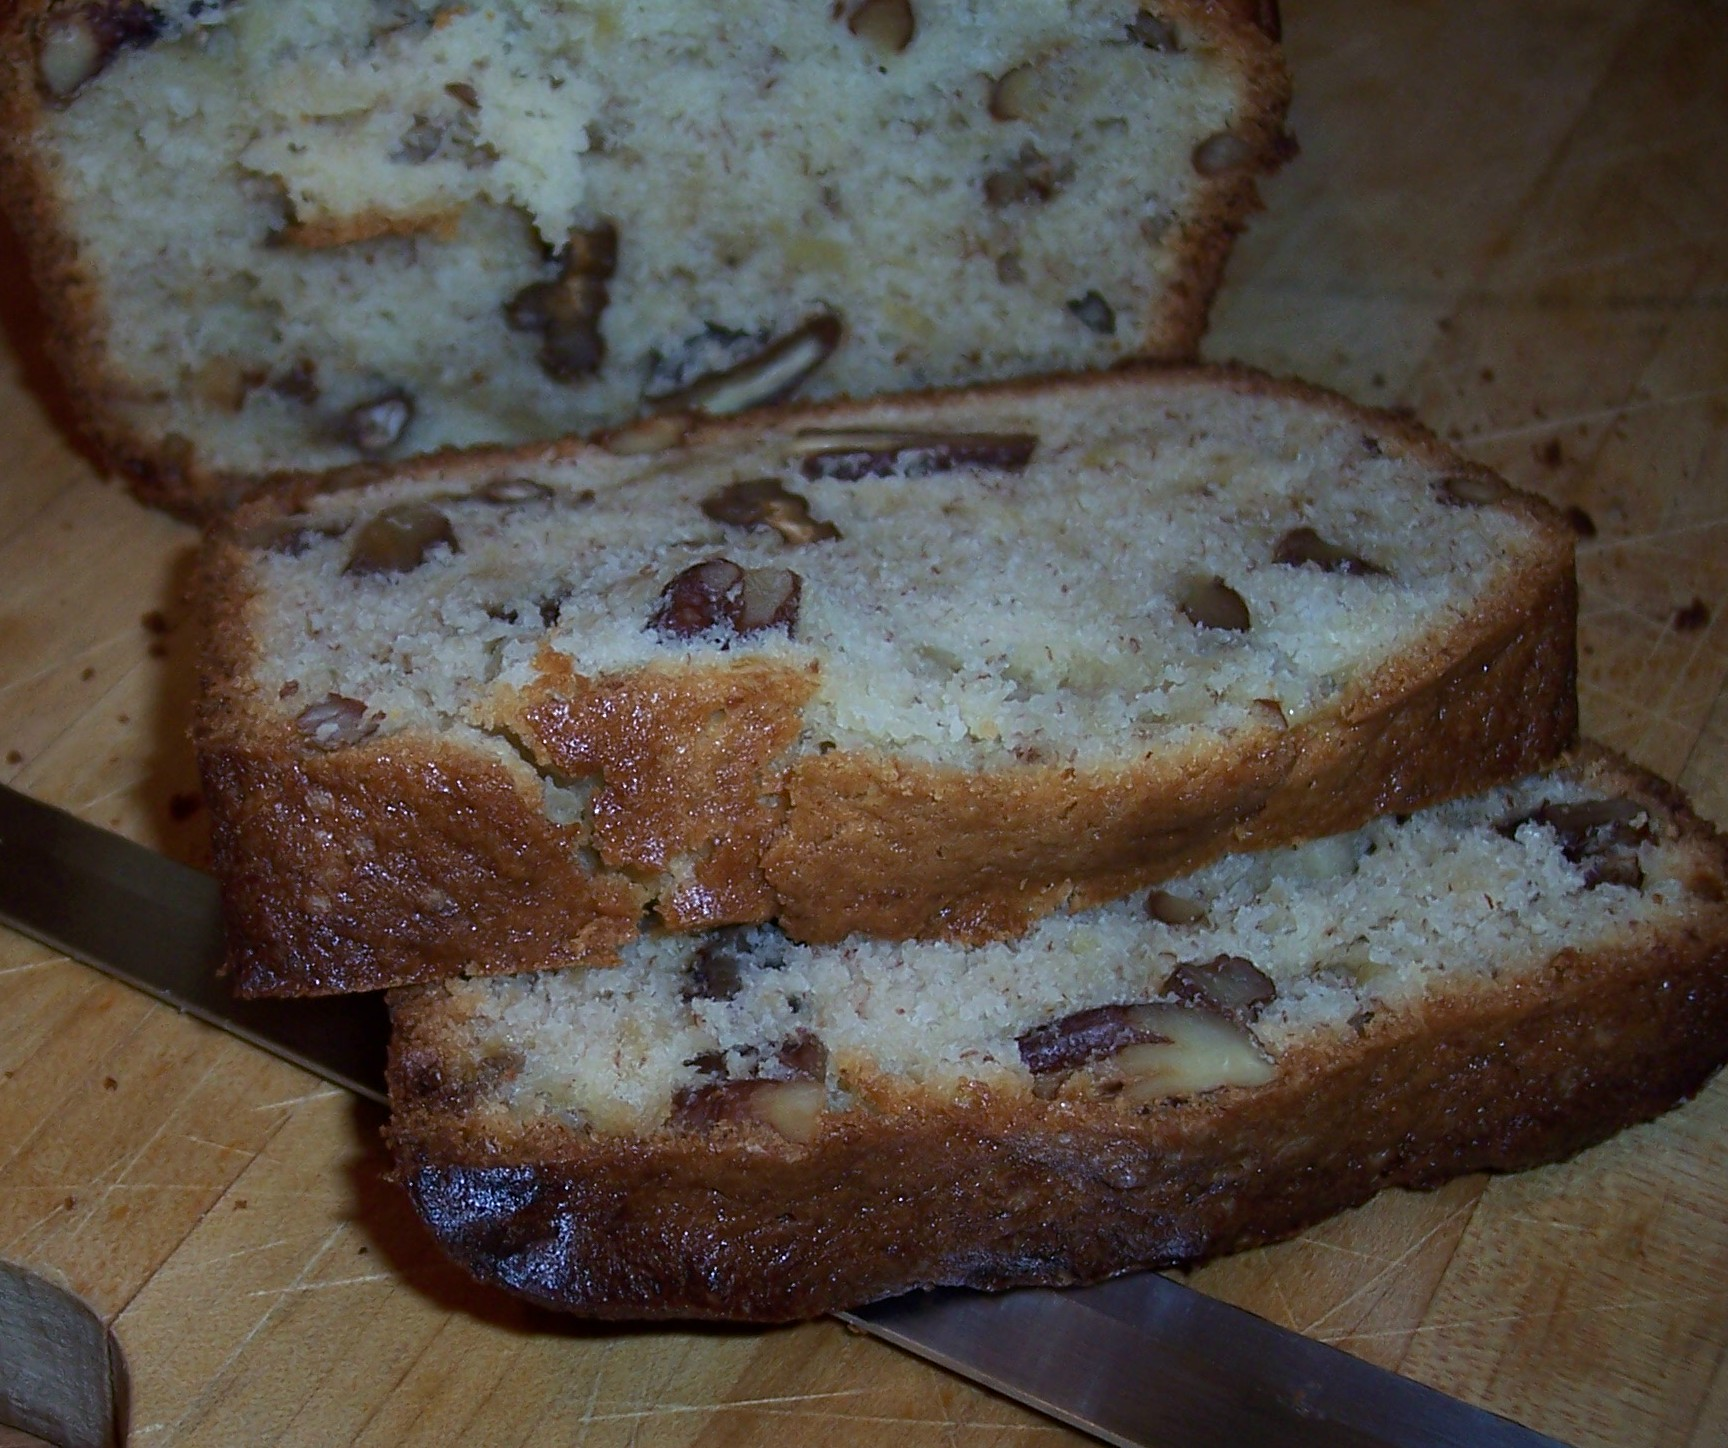 Cream Cheese Banana-Nut Bread